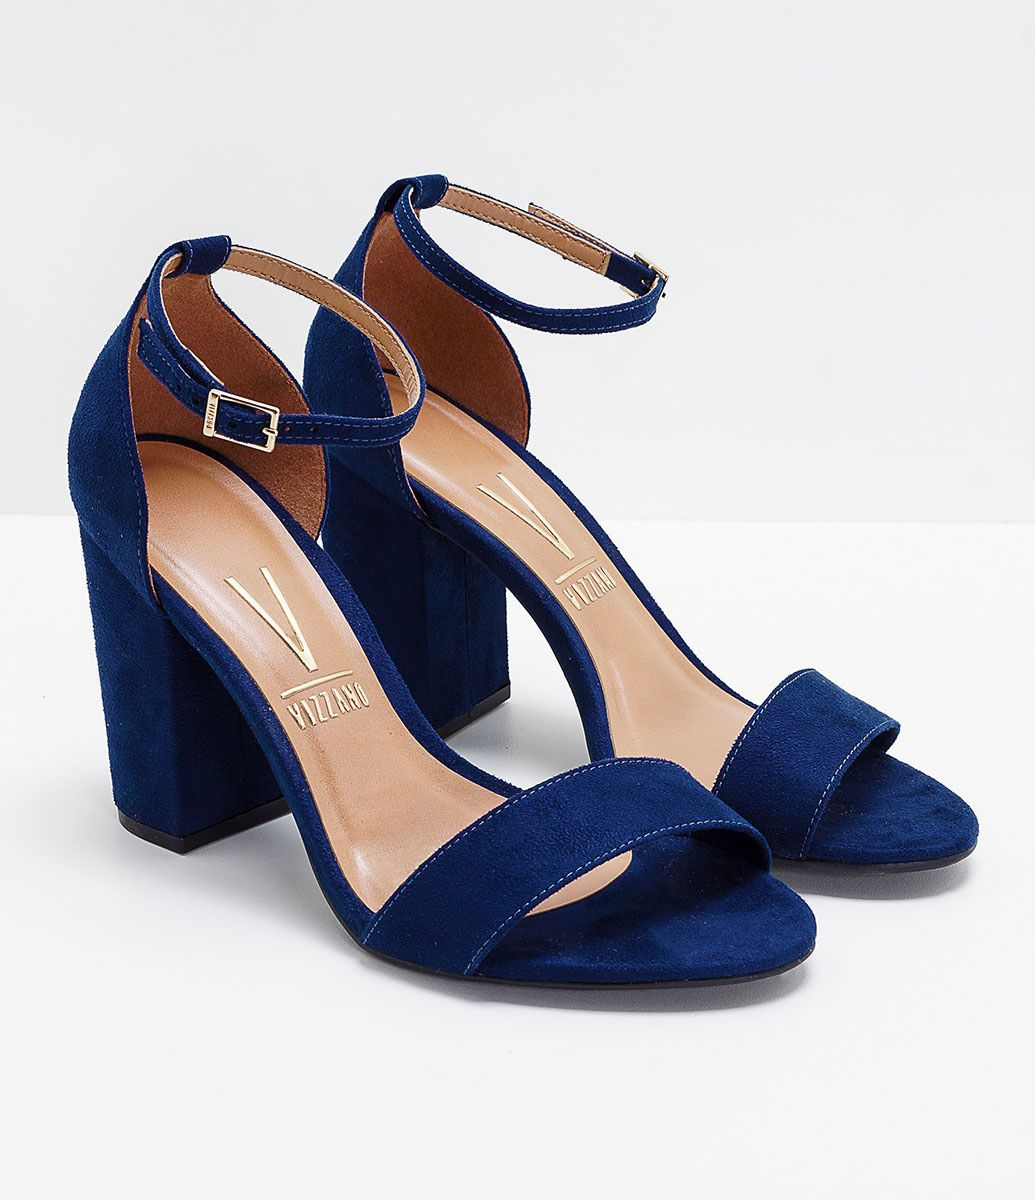 a9cc7fc743 Sandália feminina Com calcanhar fechado Com tornozeleira Salto alto  Material  sintético Marca  Vizzano Veja